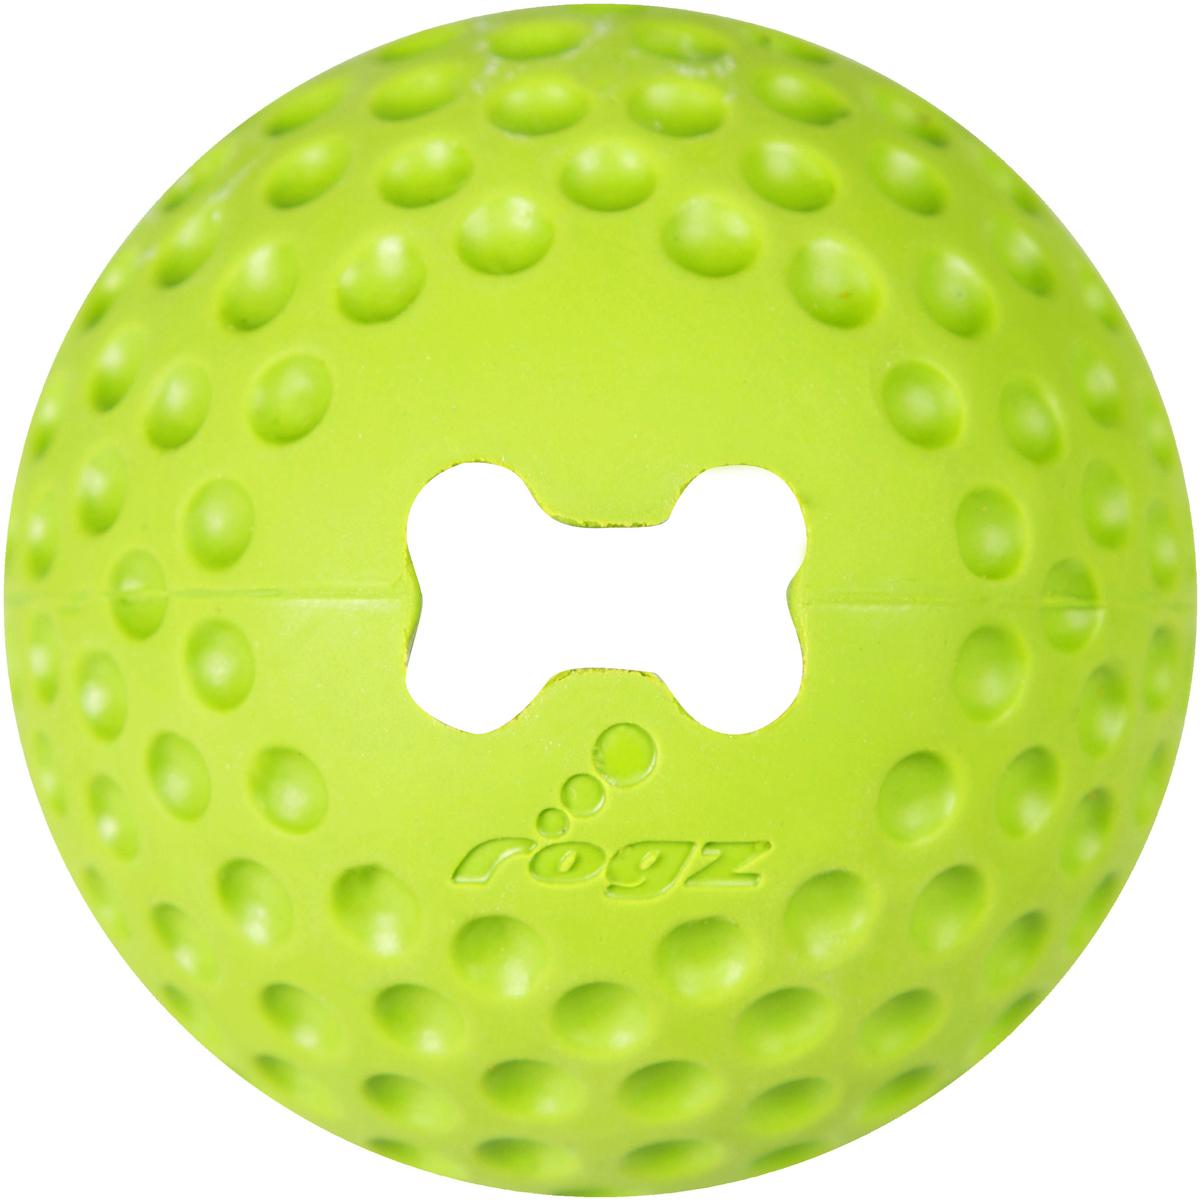 Игрушка для собак Rogz Gumz, с отверстием для лакомства, цвет: лайм, диаметр 6,4 см джей ви j w игрушка для лакомства большая пирамидки на канате для собак 1 шт